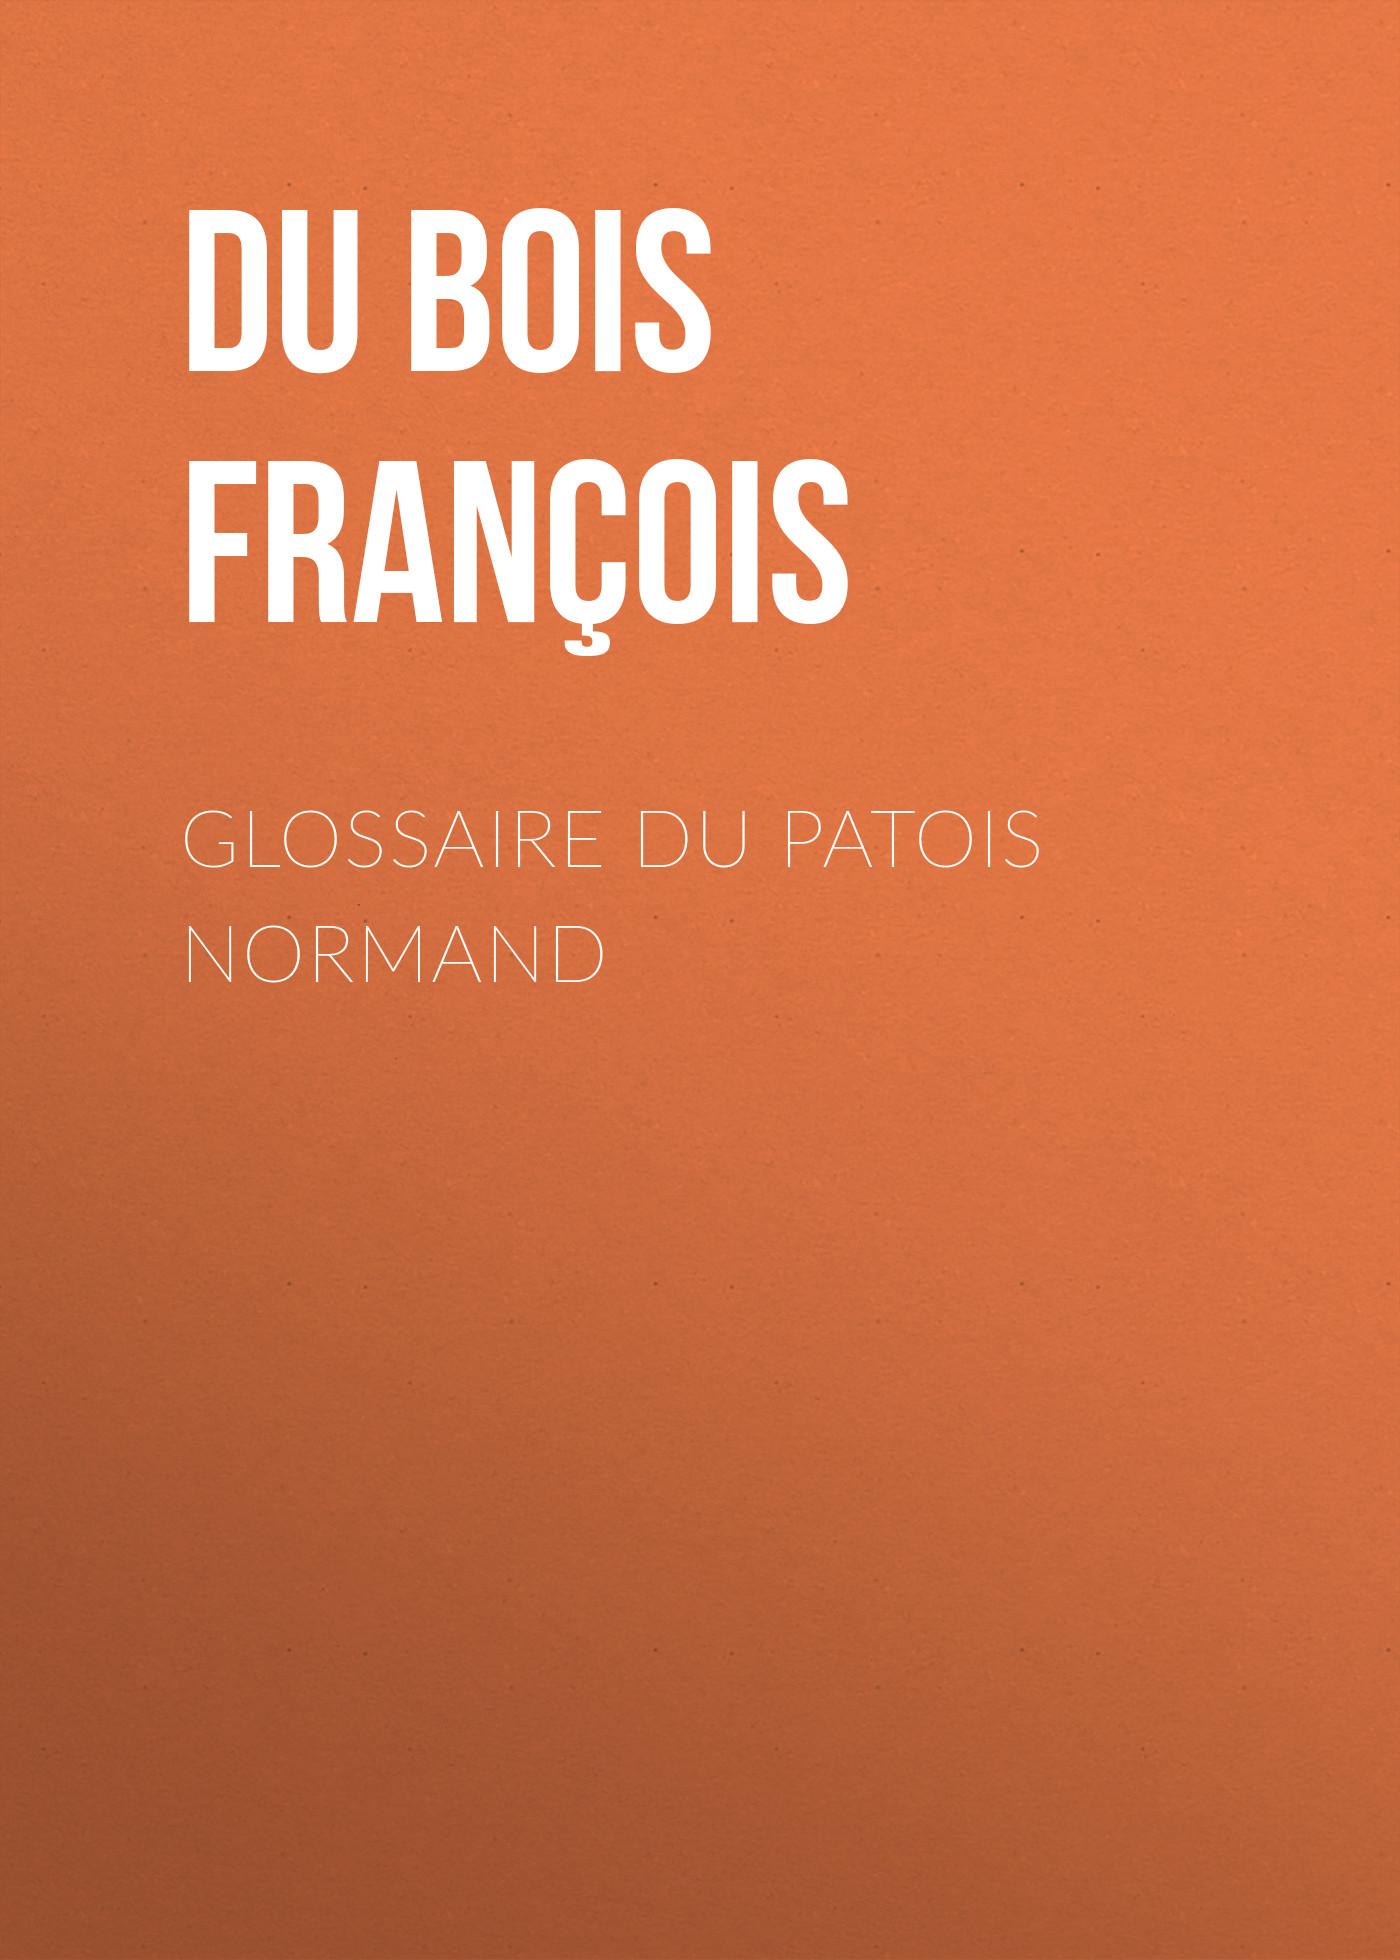 Du Bois Louis François Glossaire du patois normand монитор acer v226hqlab